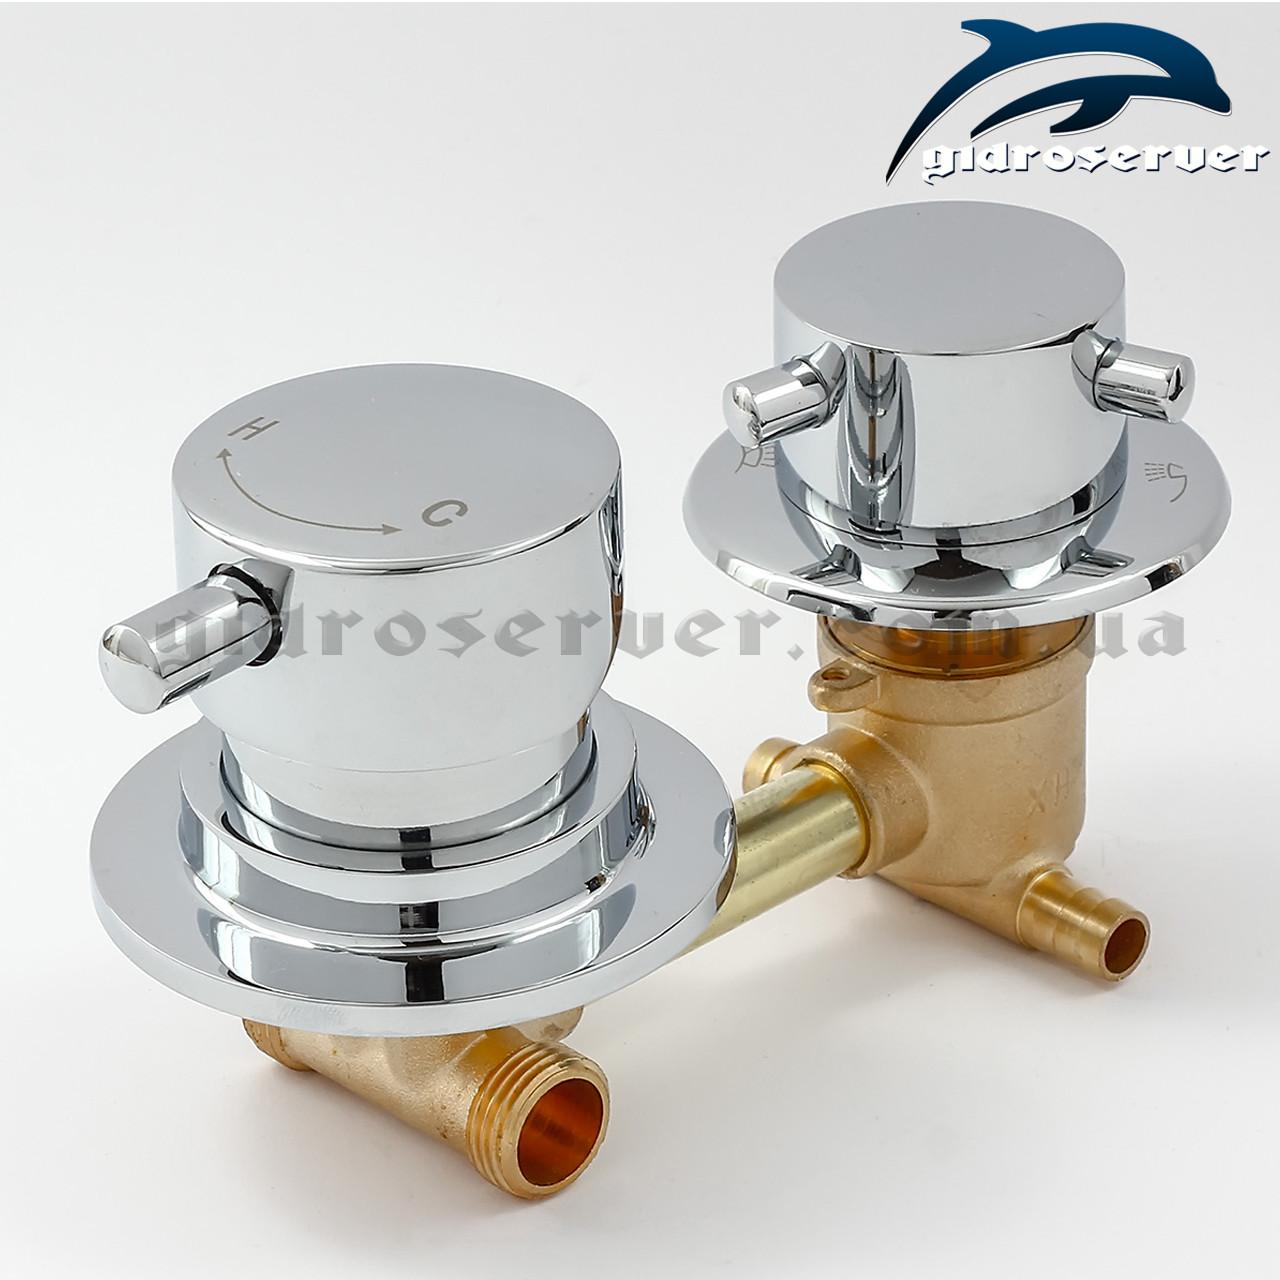 Смеситель для гидробокса, душевой кабины S2-100 на 2 положения.